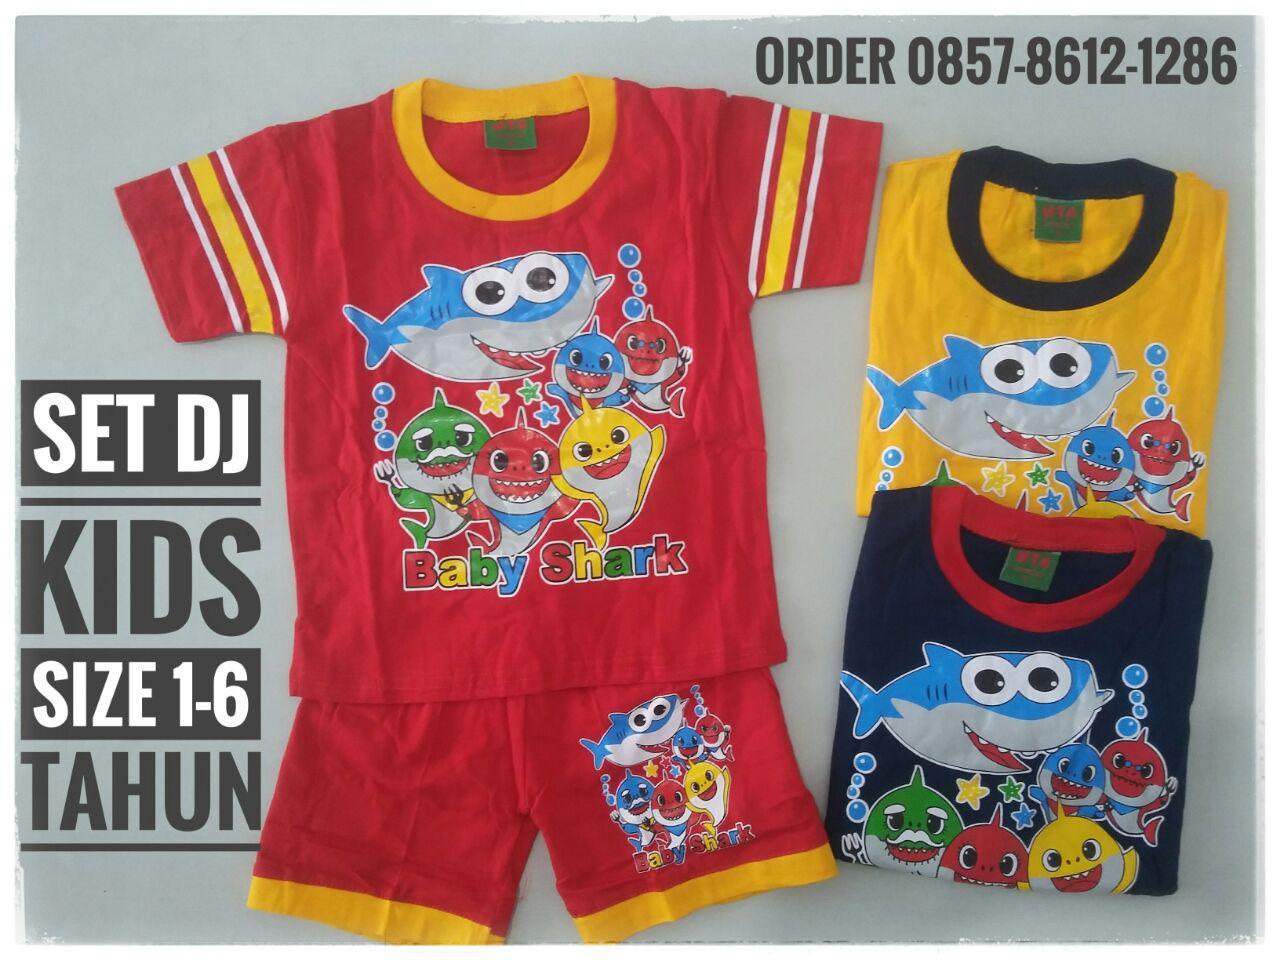 ObralanBaju.com Set DJ Kids